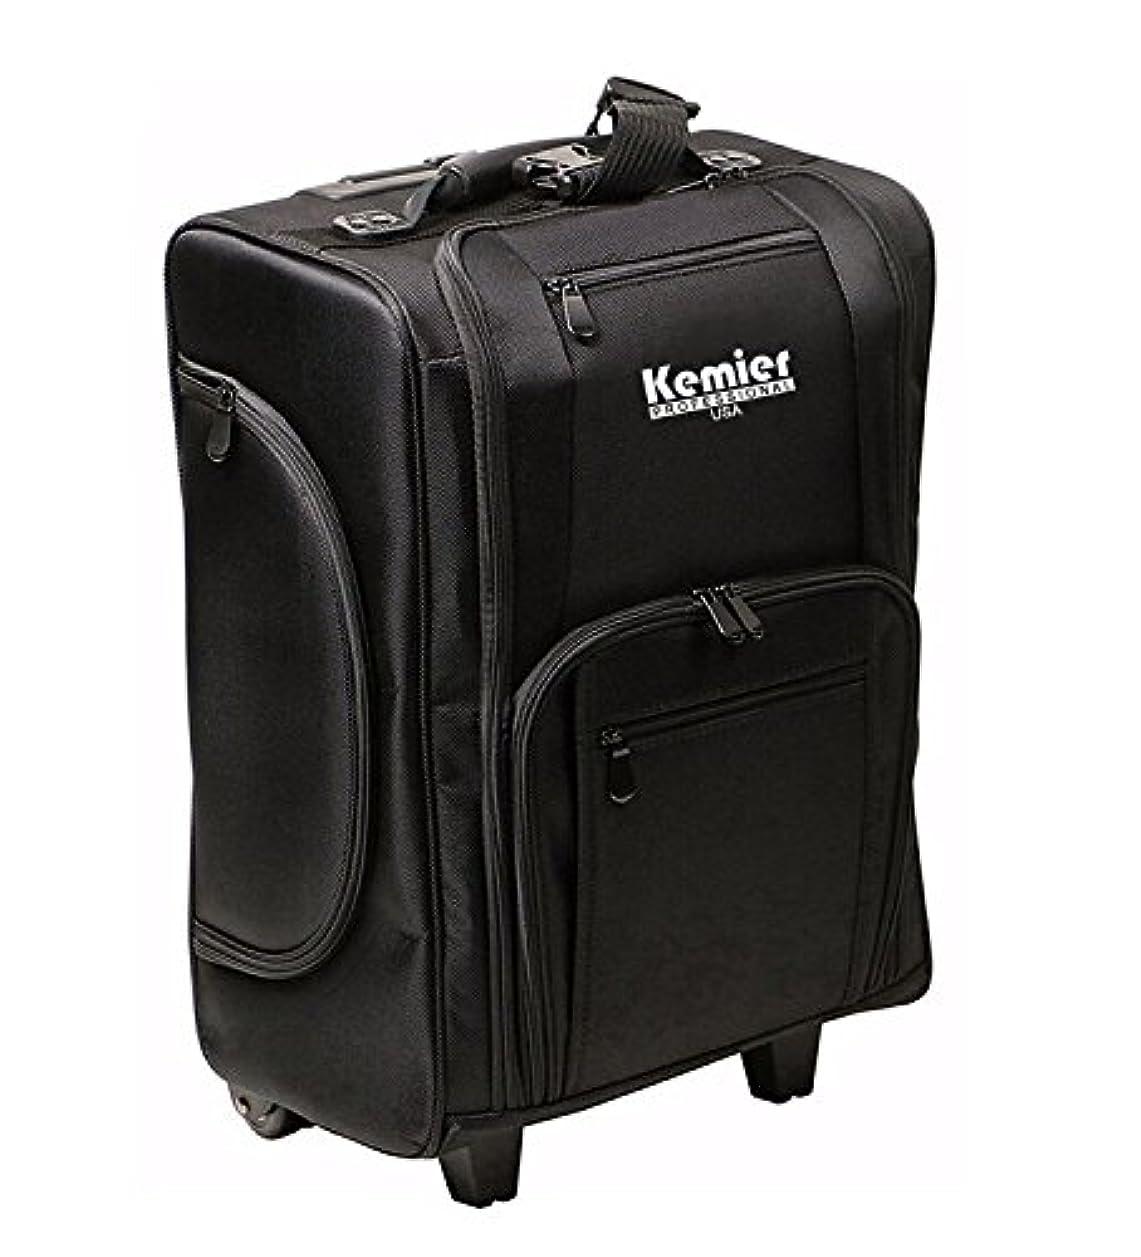 地味な観察ガソリンKemier 袋を備えたポータブル化粧品オーガナイザーソフト両面ナイロン製 圧延化粧ケース ブラック